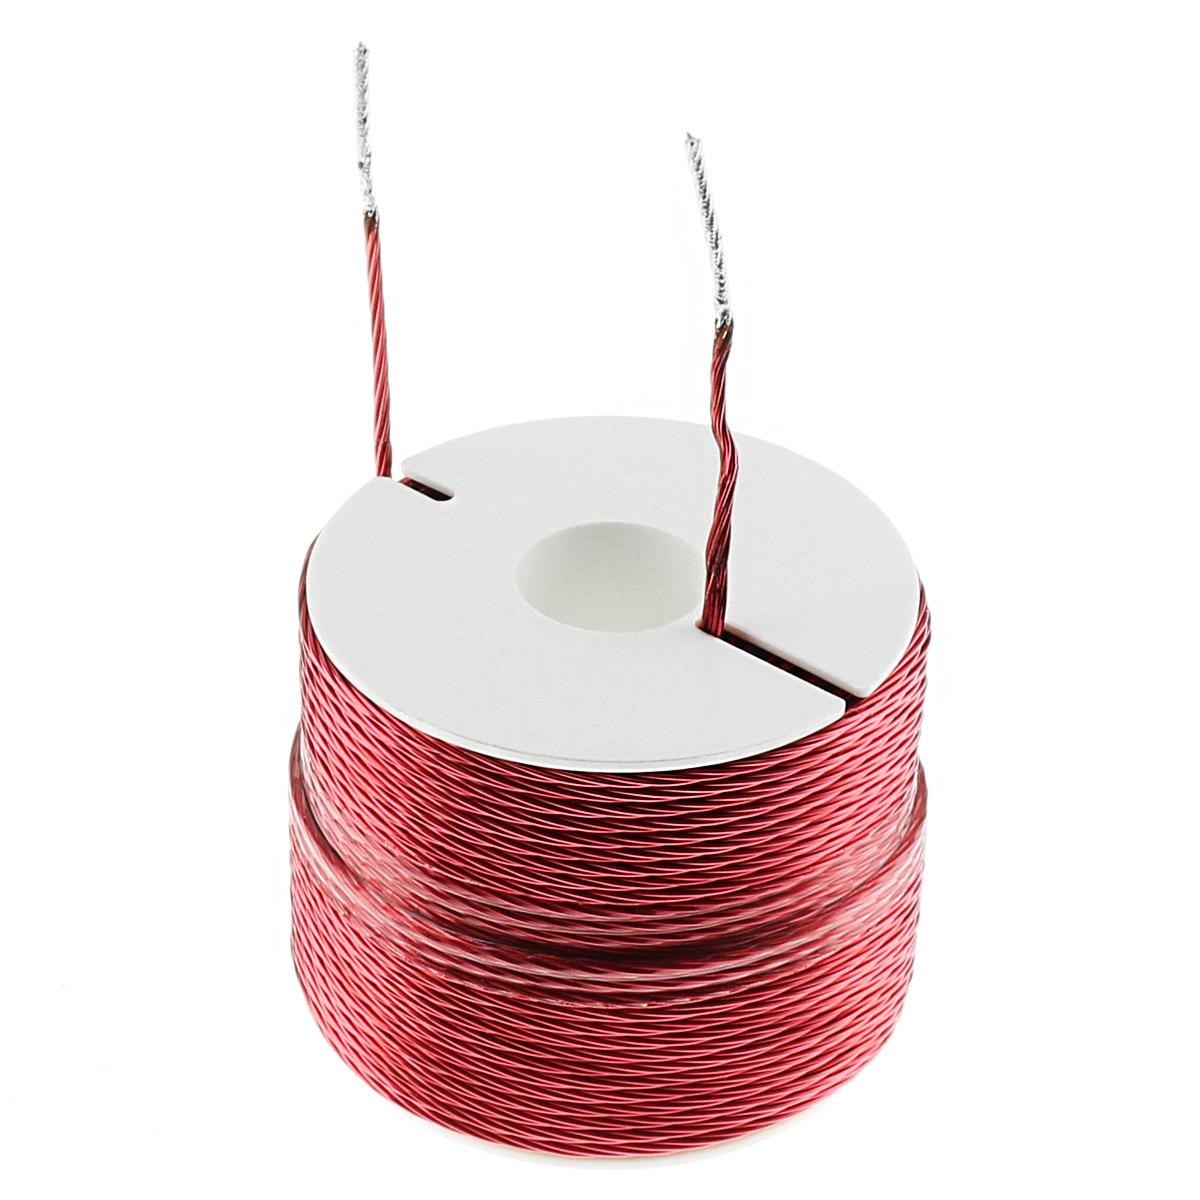 MUNDORF LL60 7 Strands Copper Wire Coil 0.39mH